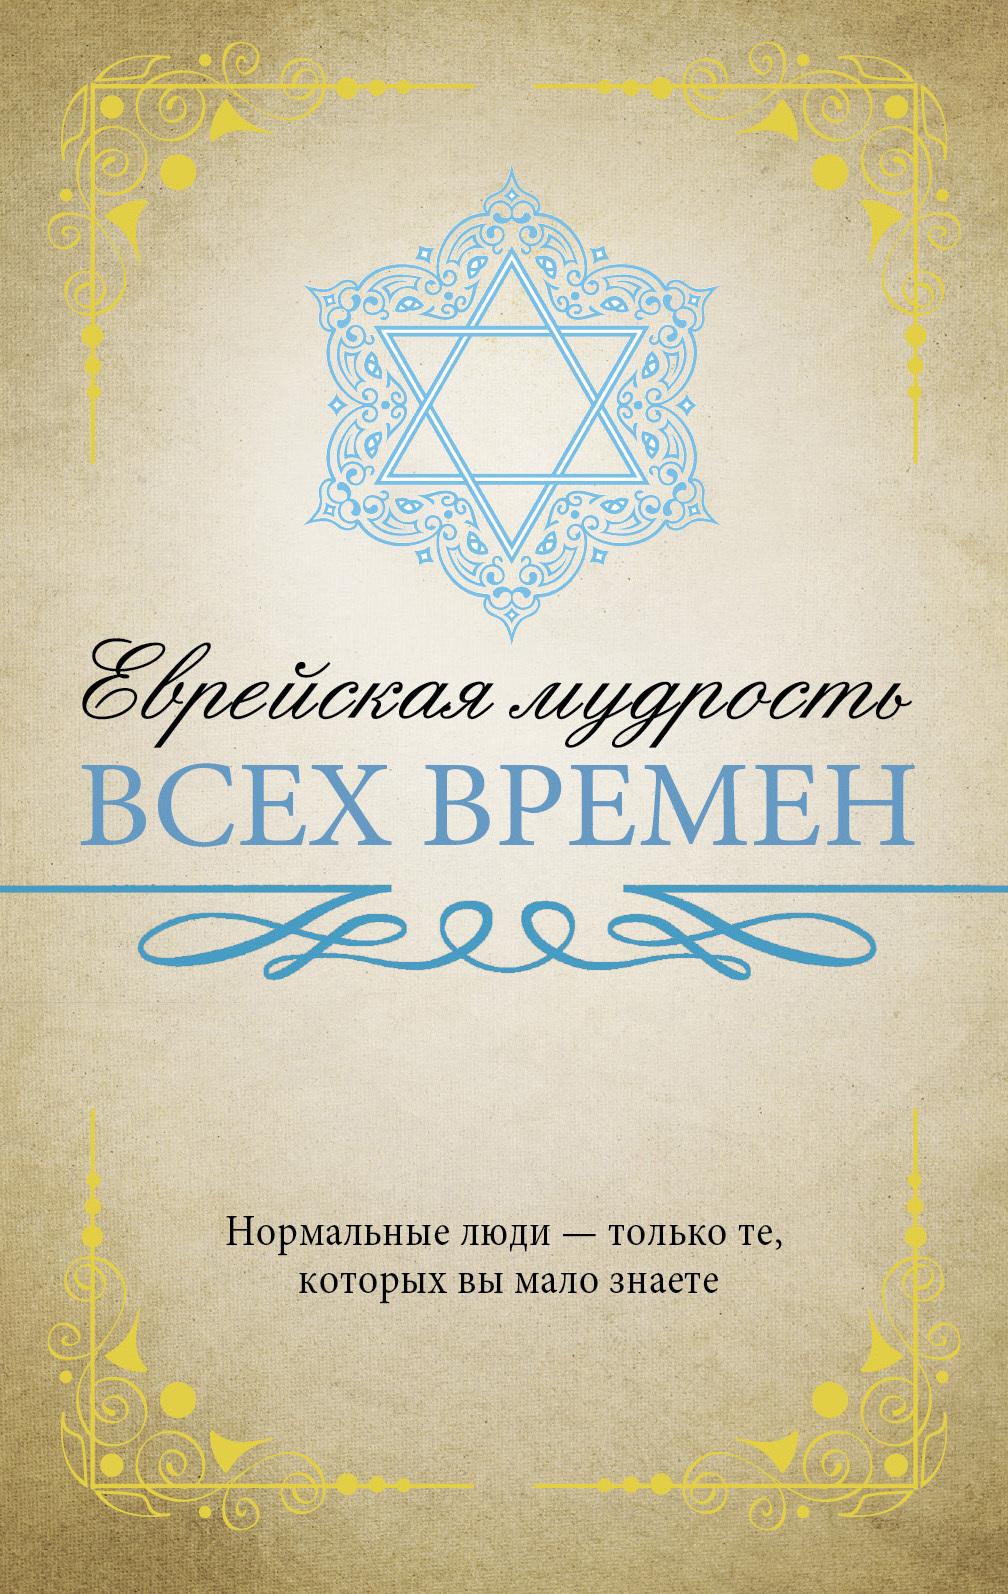 Отсутствует. Еврейская мудрость всех времен